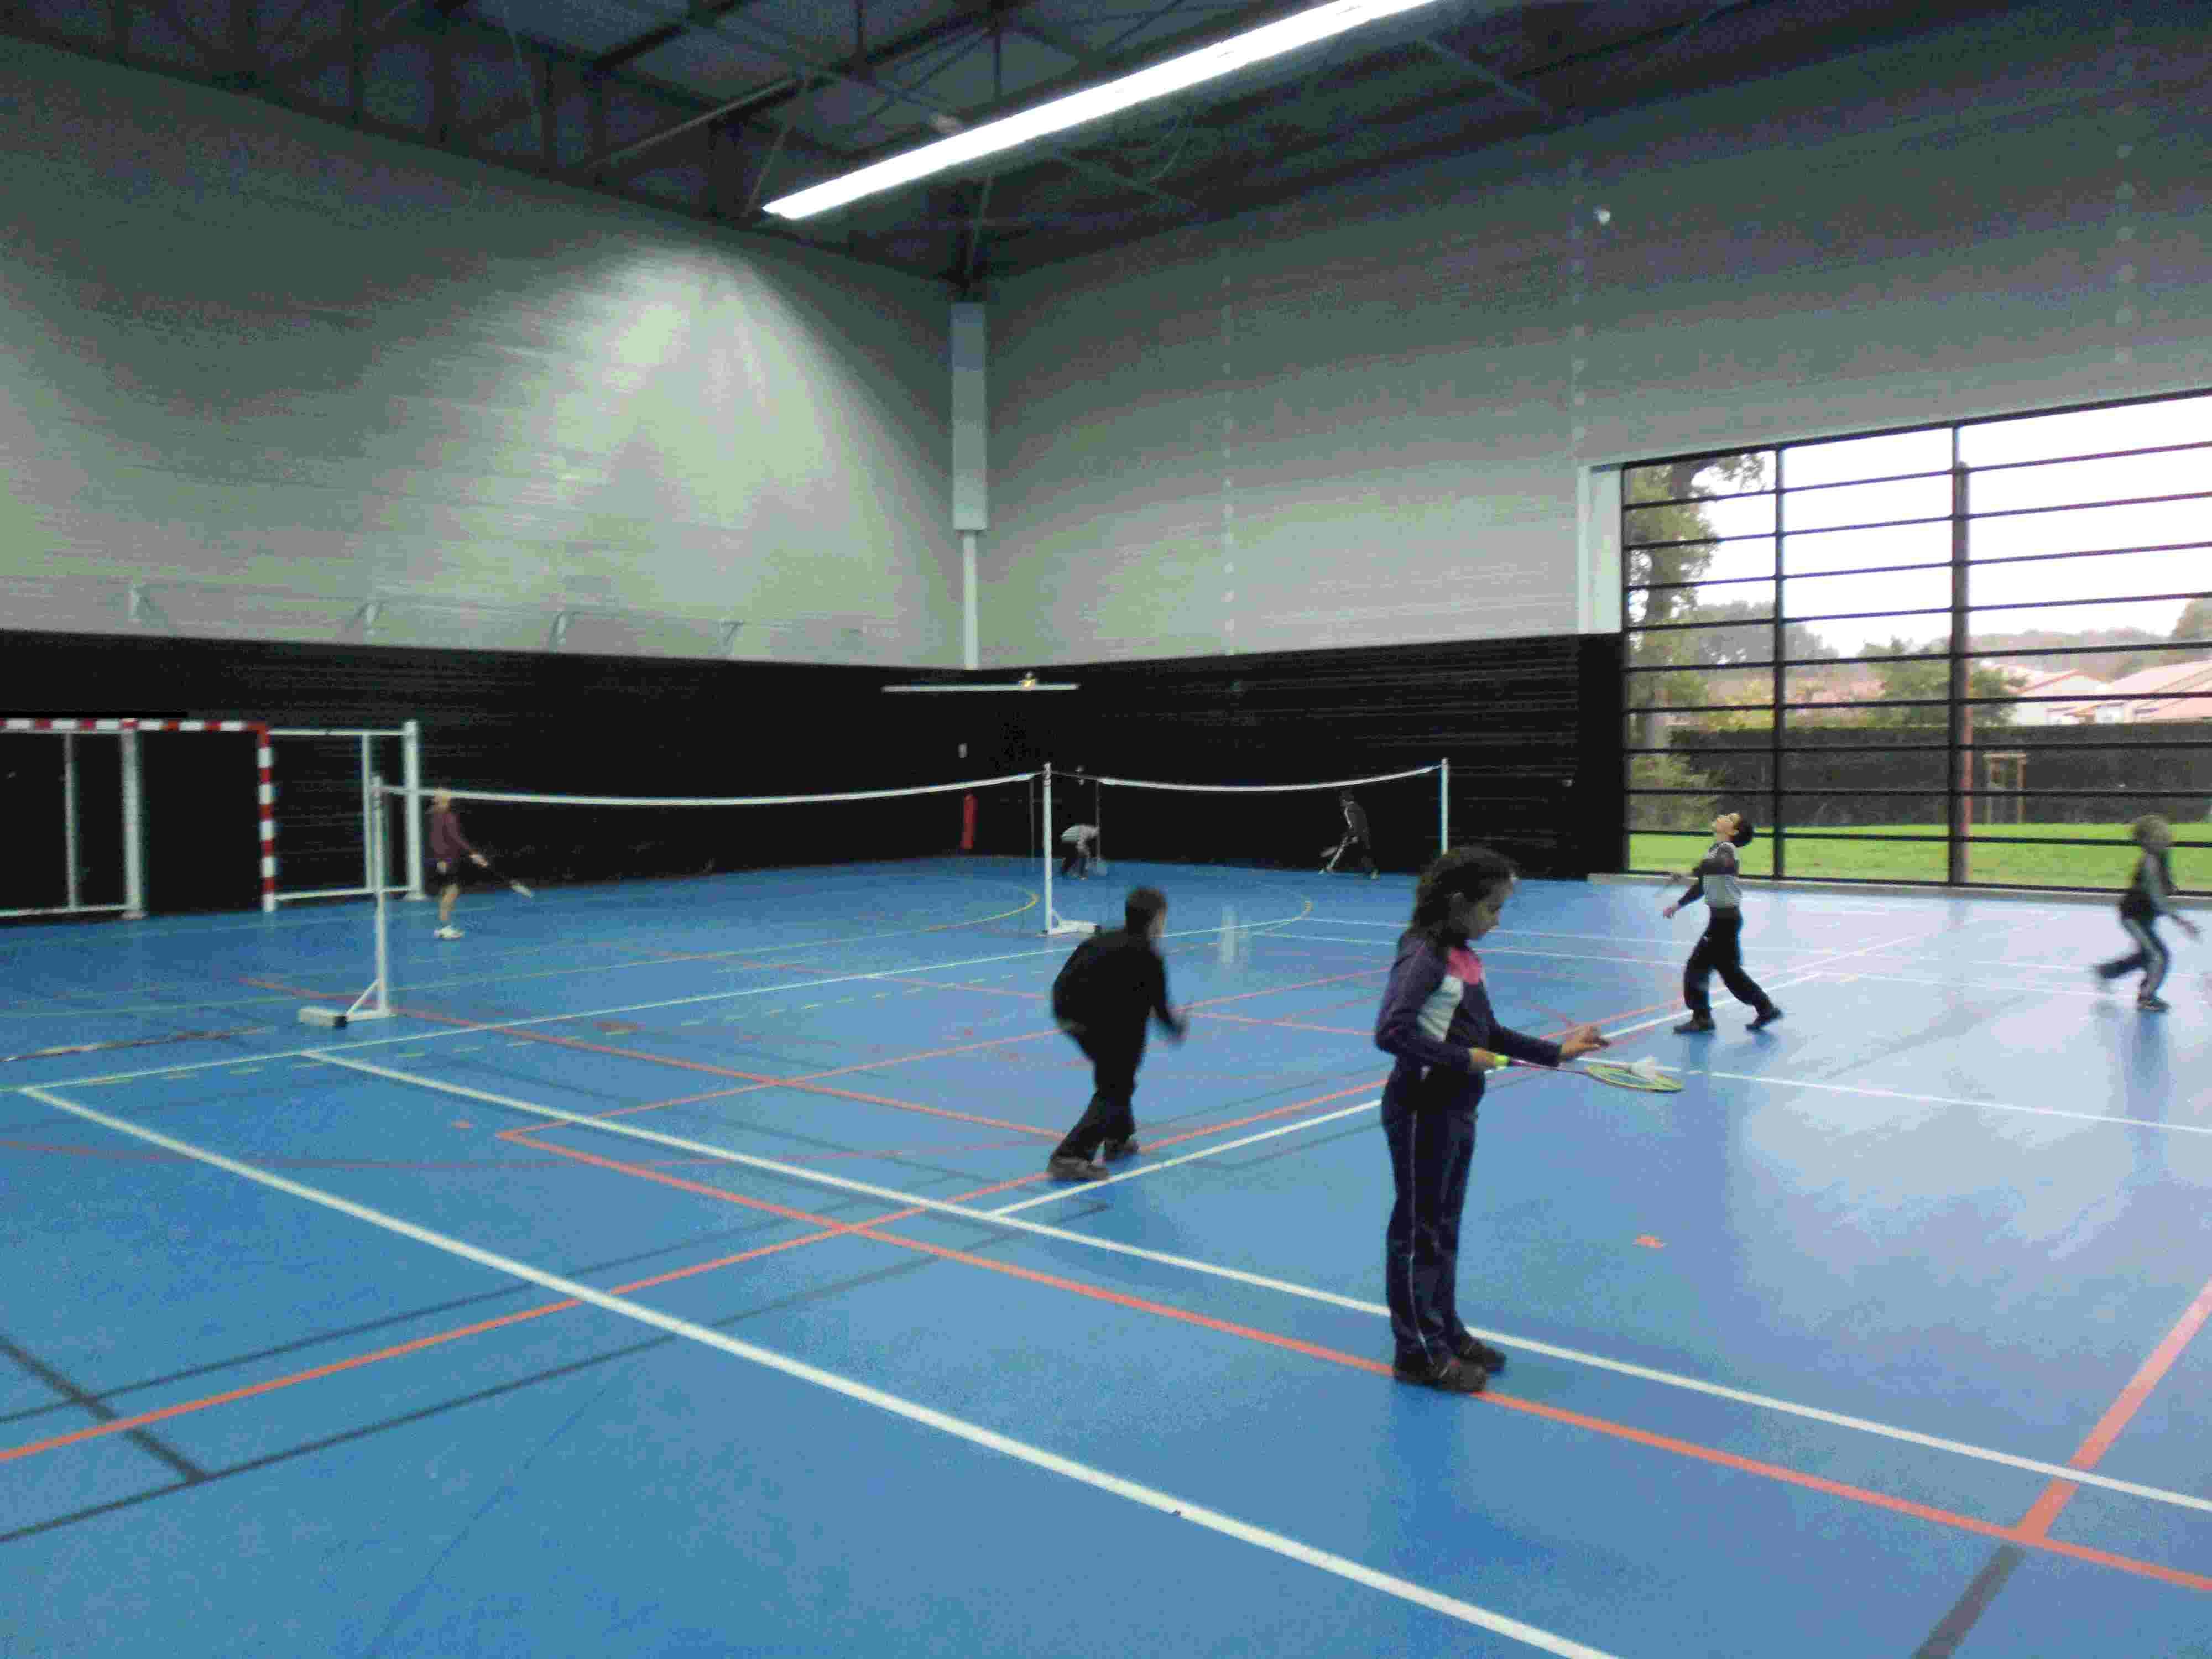 Nuaillé Ecole de bad badminton Cholet vezins Trémentines